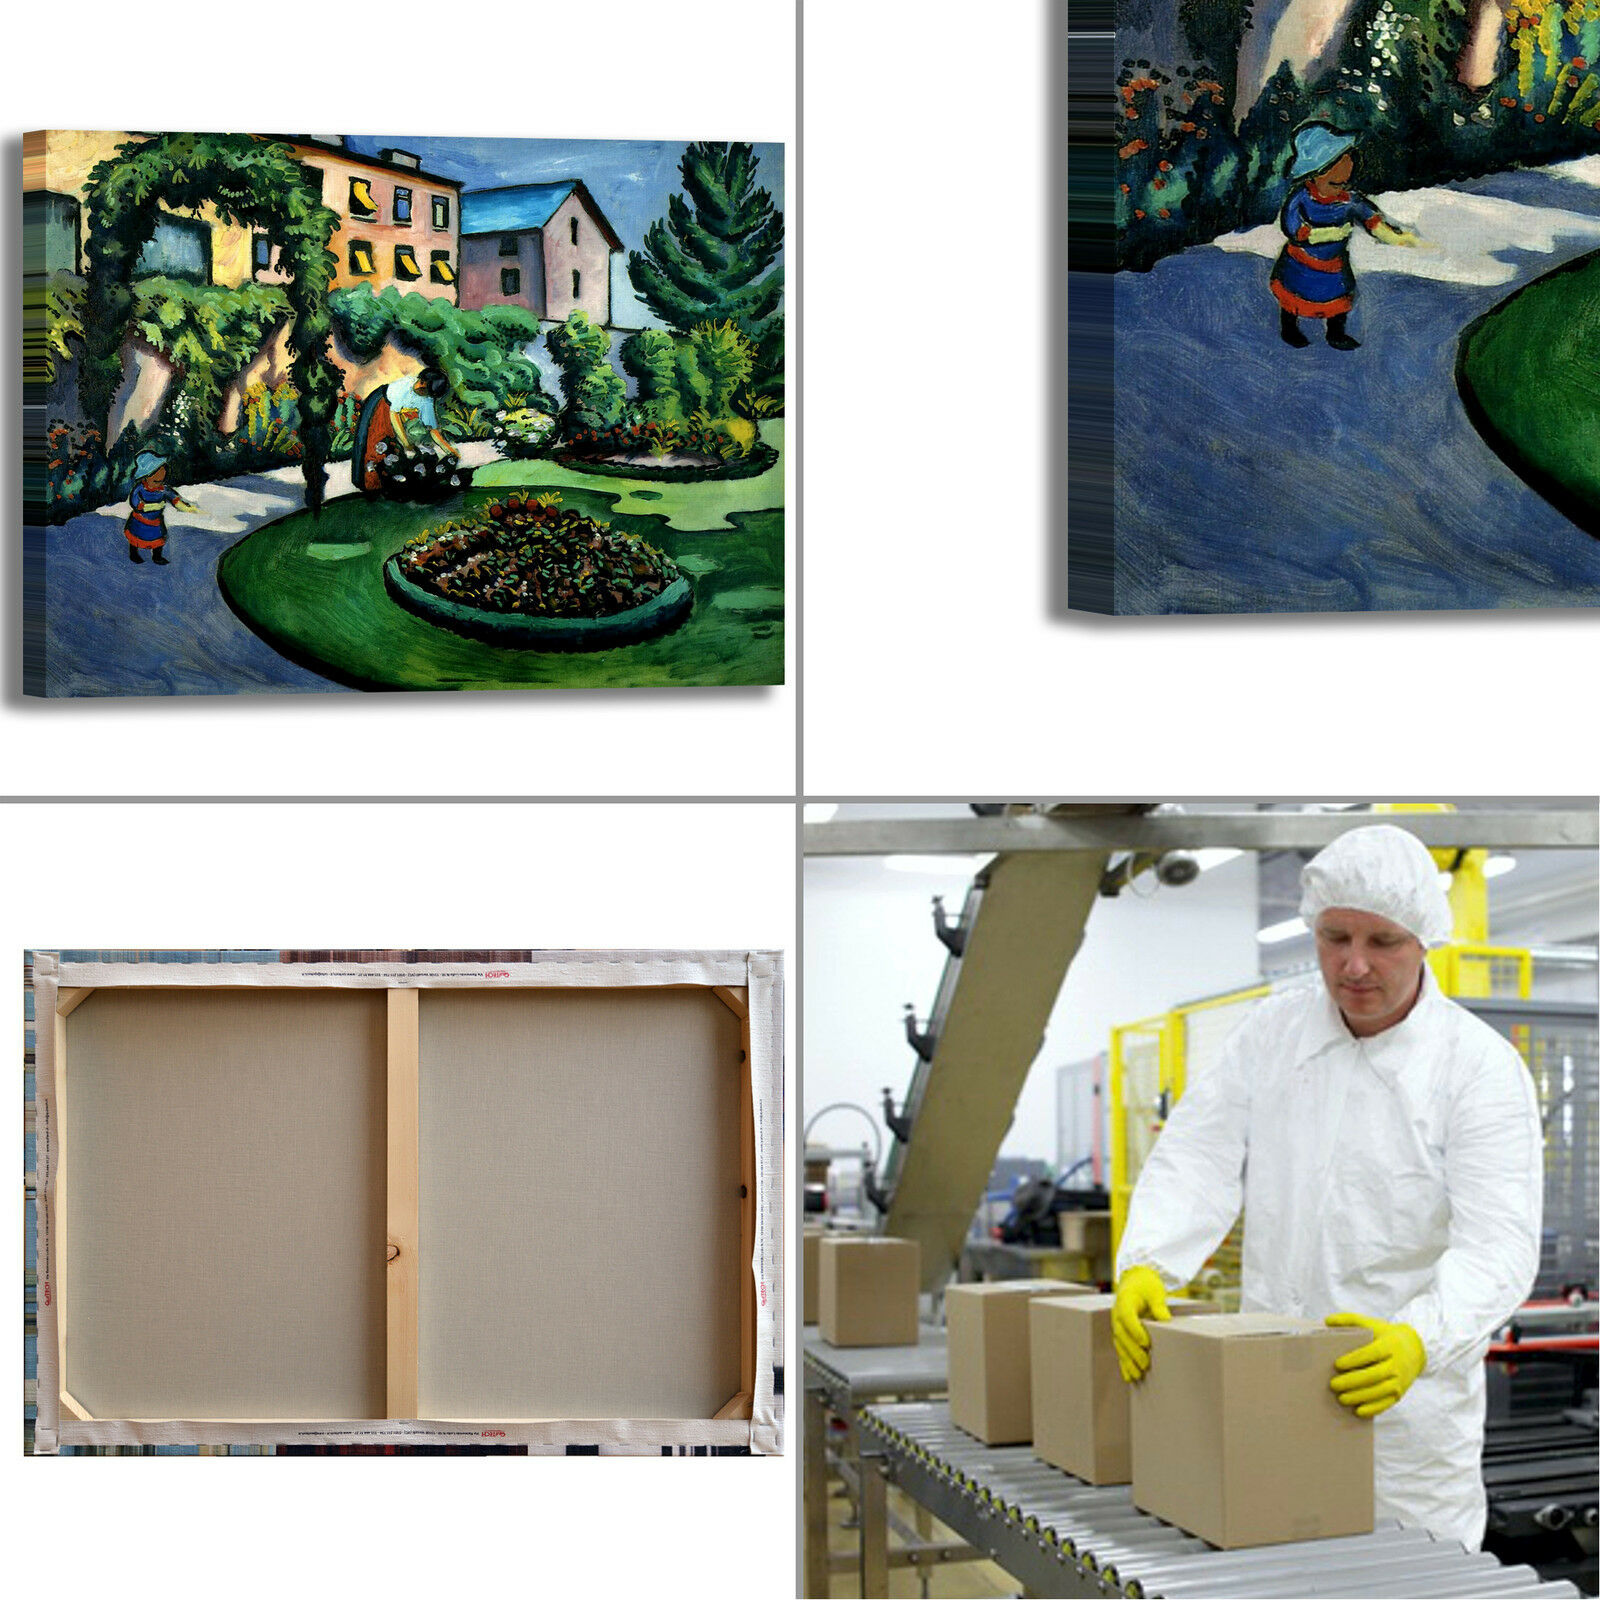 Macke giardino Mackes Mackes giardino Bonn design quadro stampa tela dipinto telaio arRouge o casa 25203a